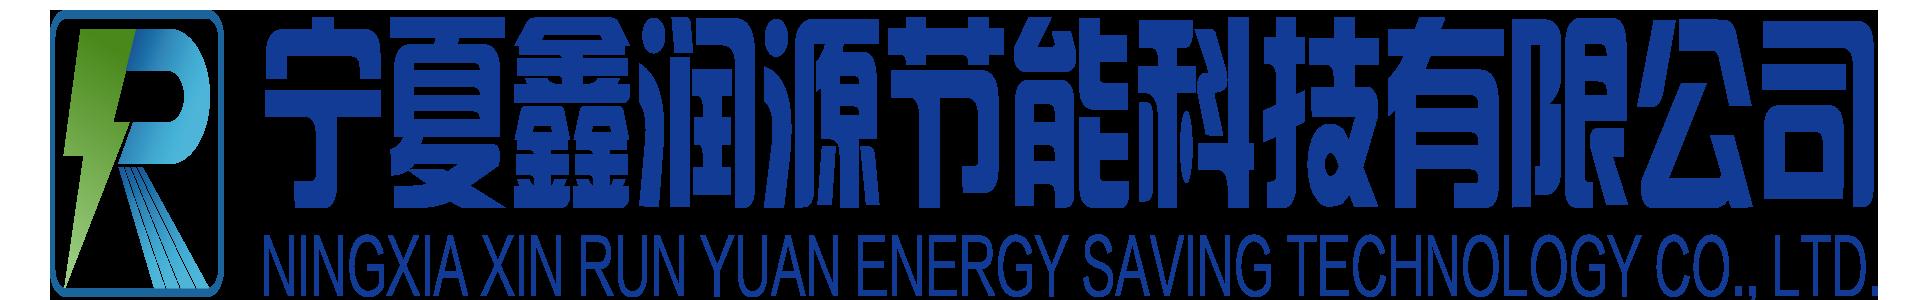 万博登陆鑫润源节能科技有限公司